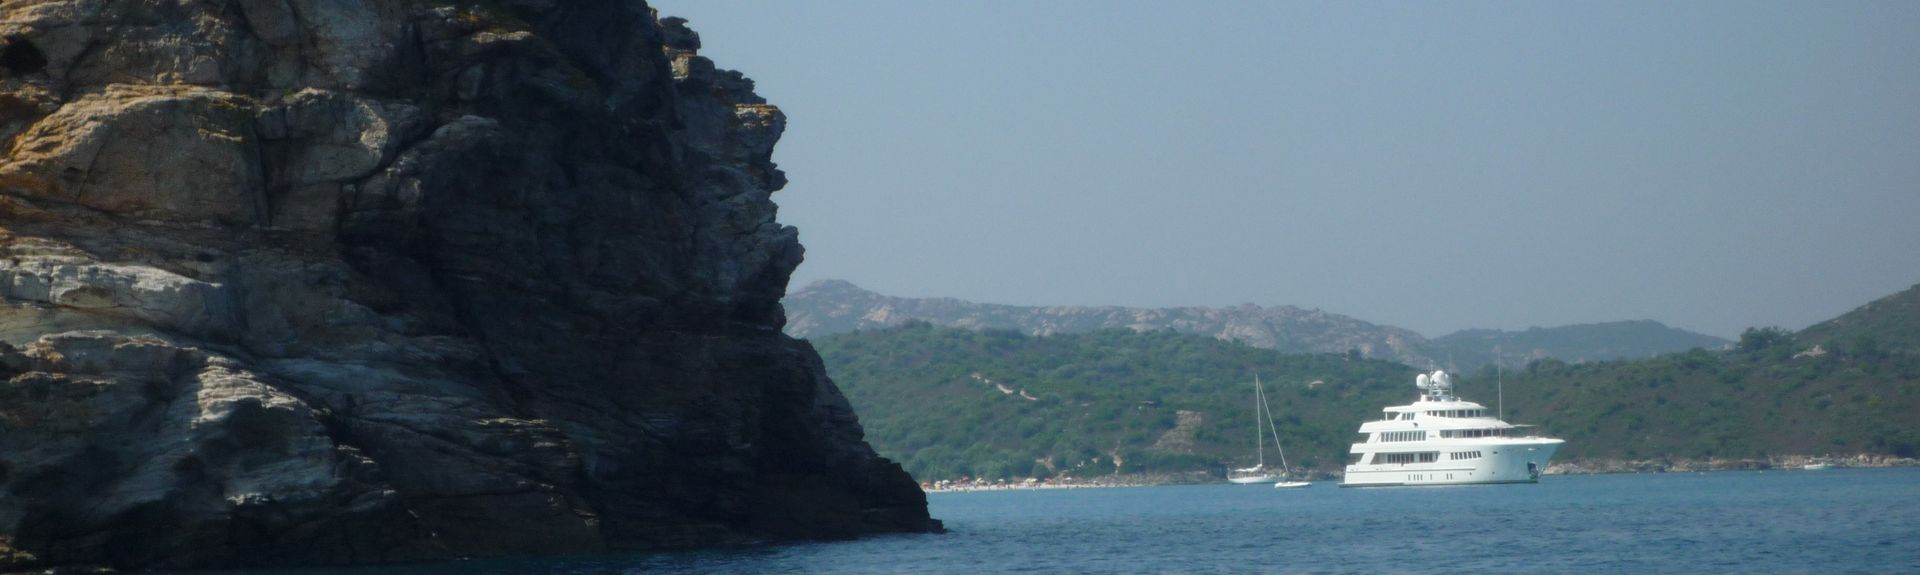 Biguglia, Haute-Corse, France